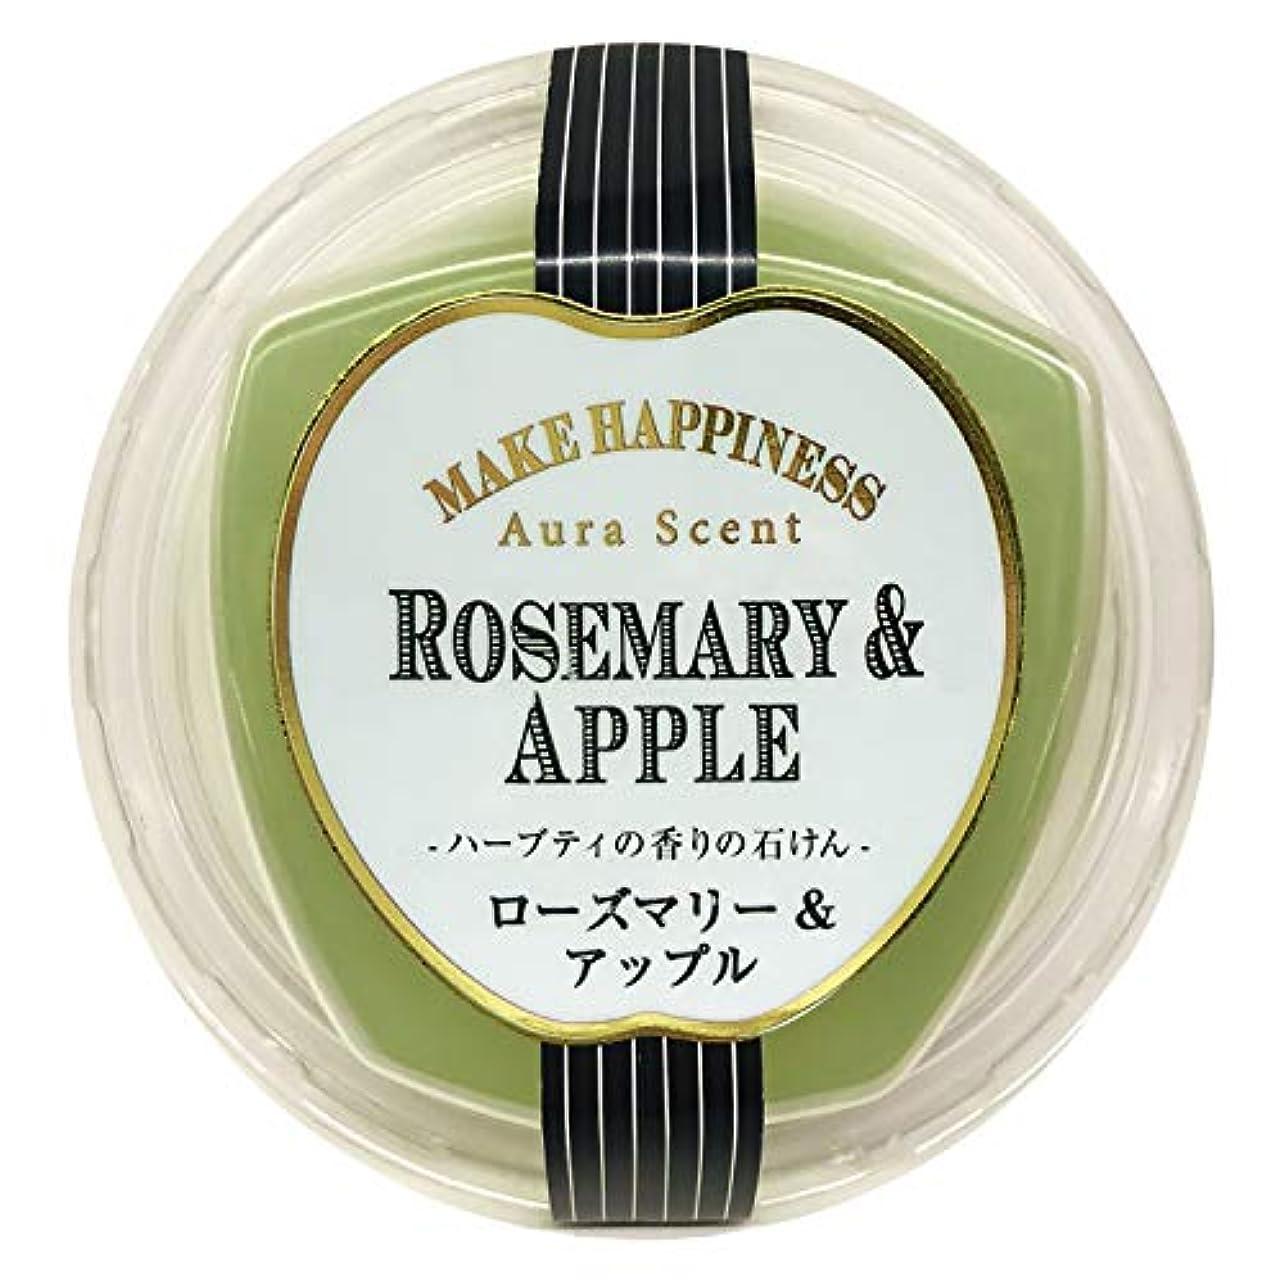 しっとり発掘するおばあさんペリカン石鹸 オーラセント クリアソープローズマリー&アップル 75g